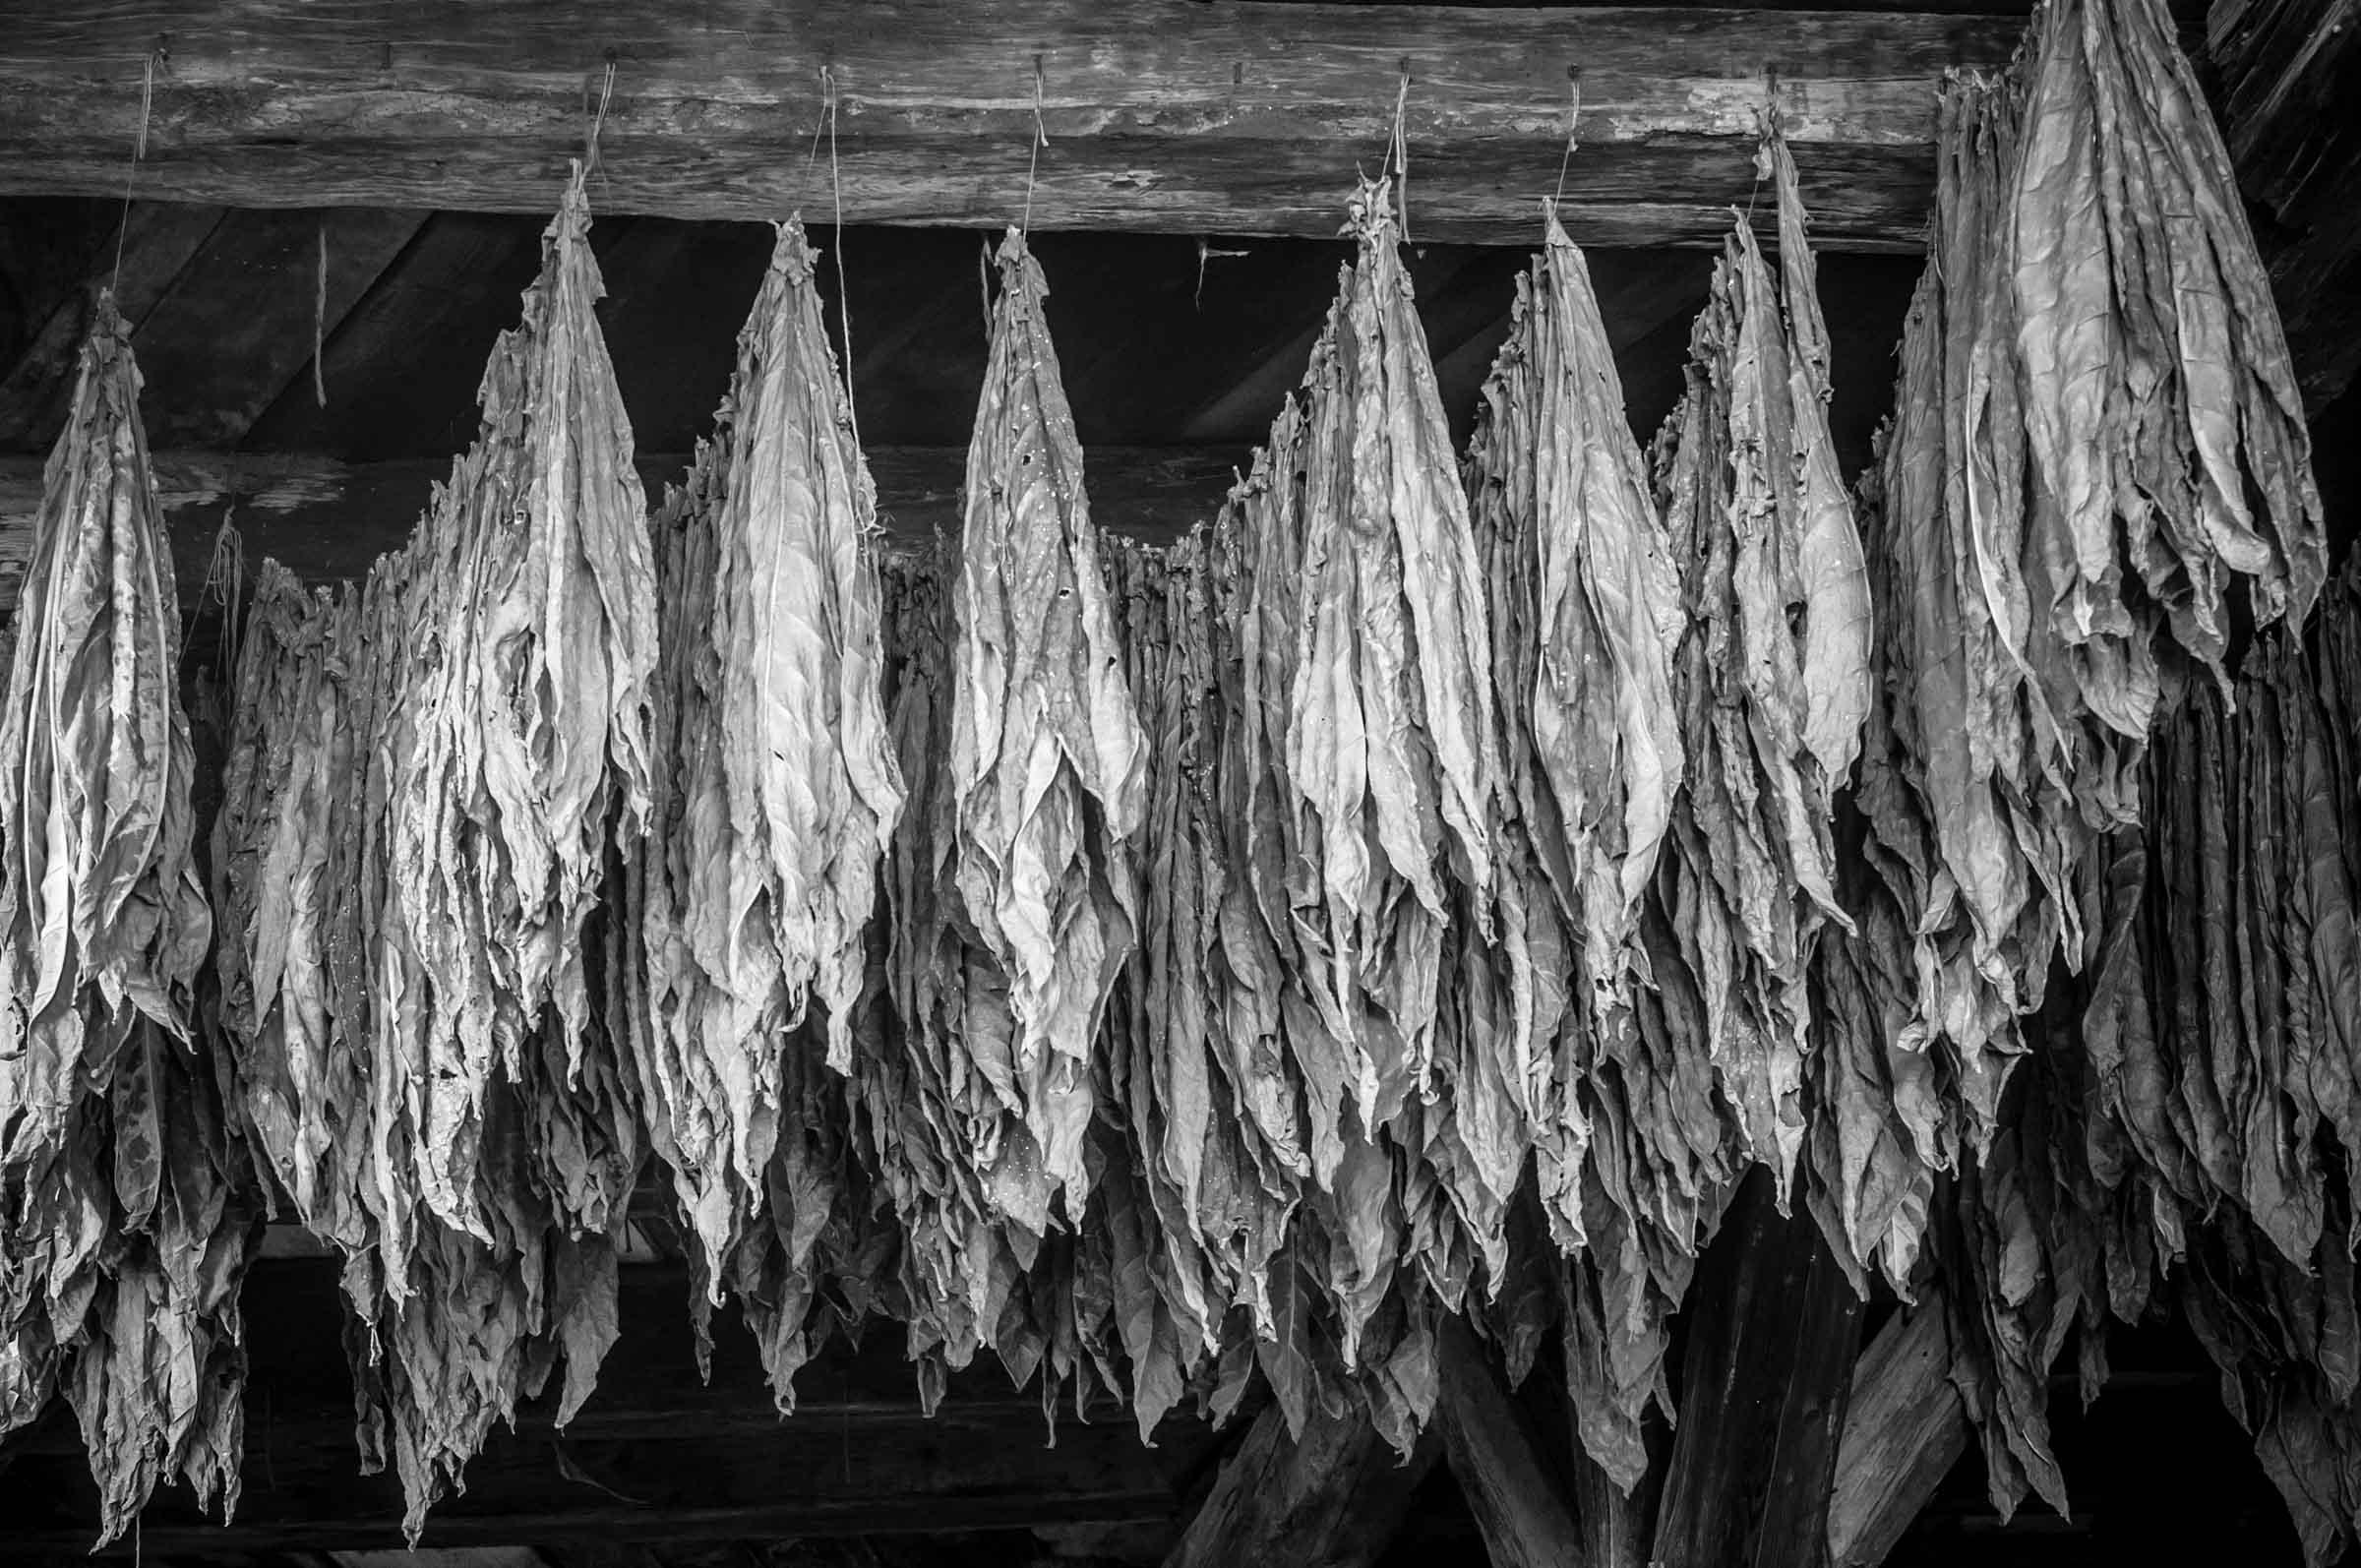 Zigarrendreher |Zigarrenformat | Zigarrenroller | Tabak | Deckblatt | Handgedreht |Havanna |Zigarre | Banderole | Umblatt | Event | Zigarrenmanufaktur |Buchen